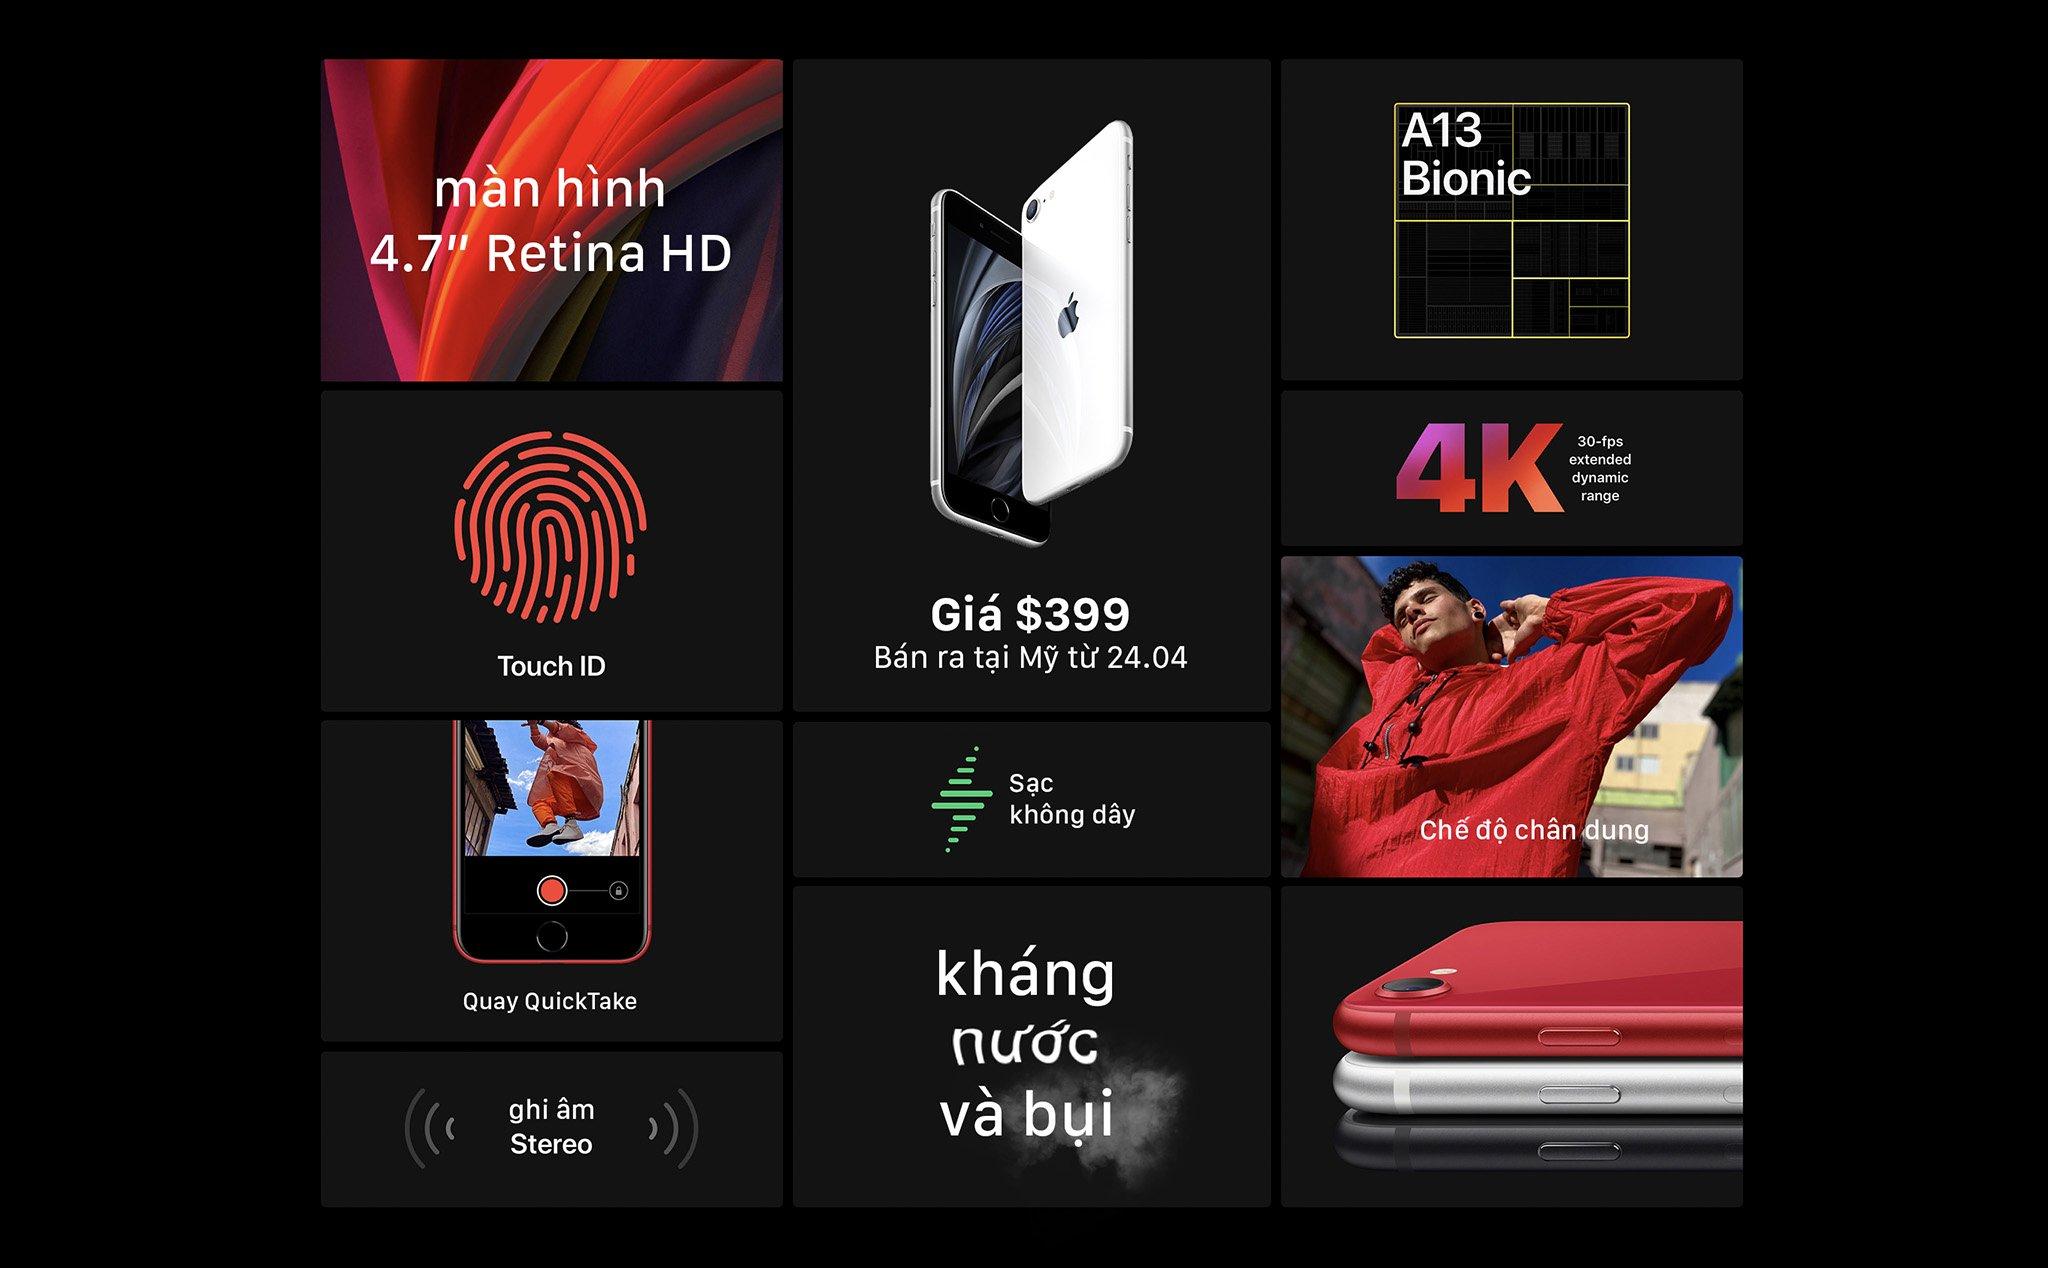 Các tính năng nổi bật có trong iPhone SE 2020